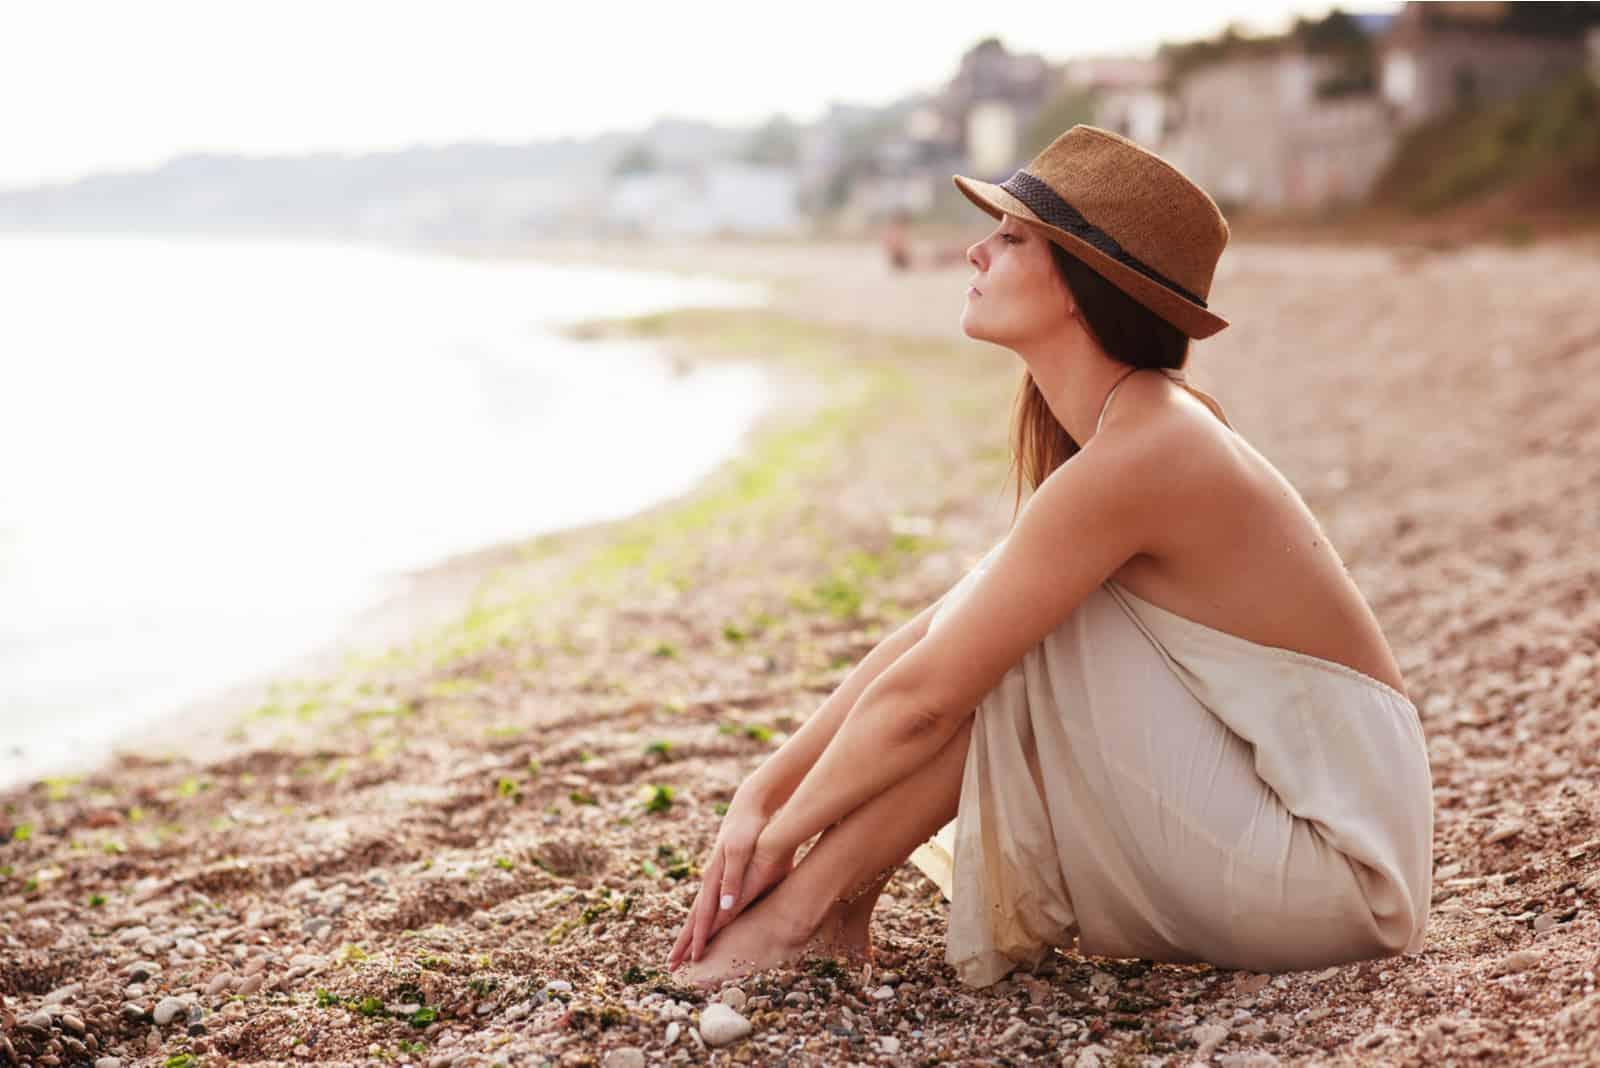 Femme assise seule sur une plage de sable en soirée